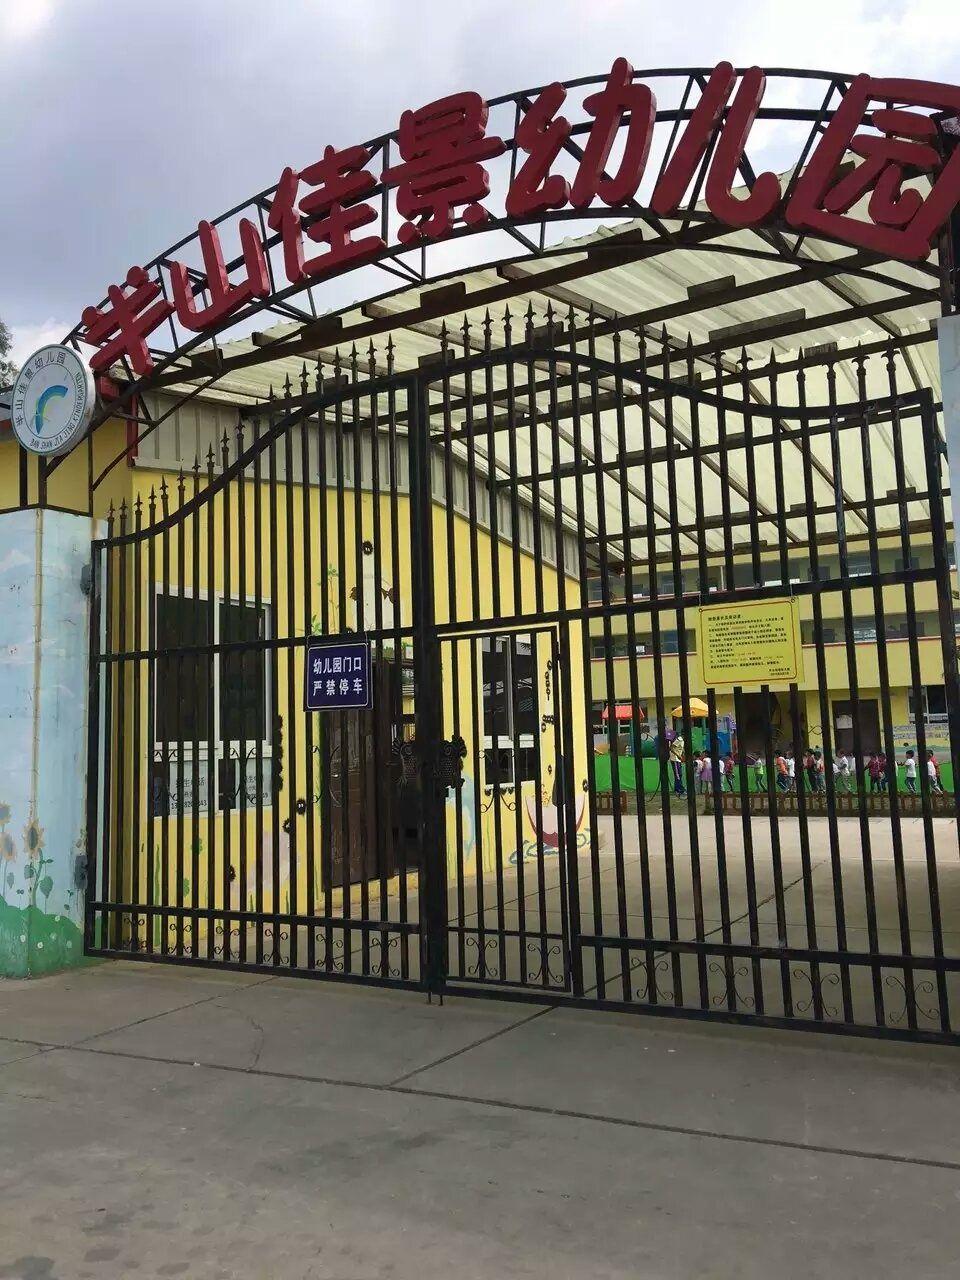 都市时报专访半山佳景幼儿园园长杨燕:足球是最凝聚人心的体育运动